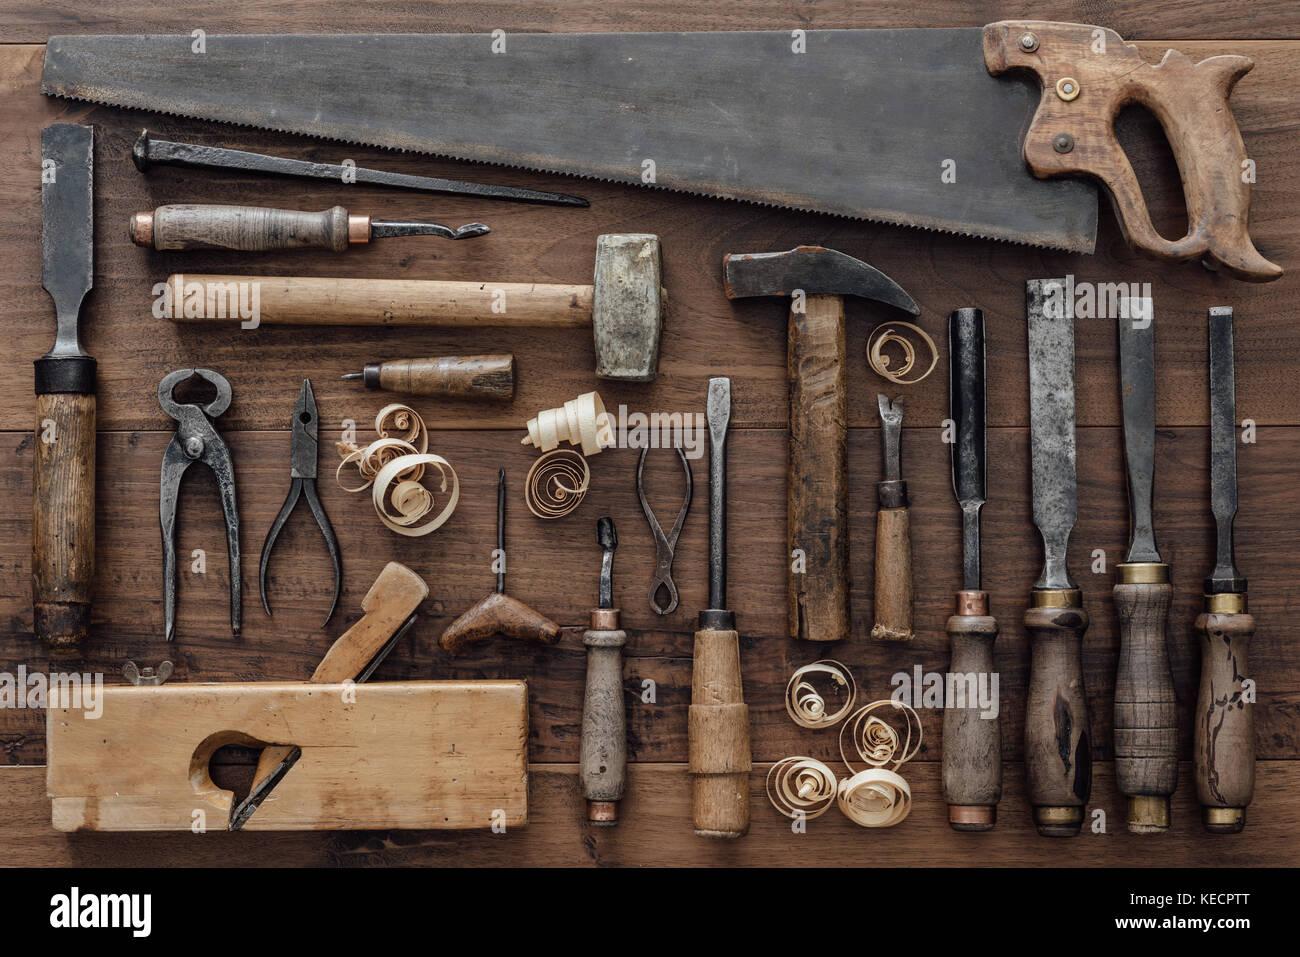 Collezione Vintage Di Attrezzi Di Falegnameria Su Un Vecchio Banco:  Macchine Per La Lavorazione Del Legno, Artigianato E Manifatture Concetto,  Laici Piatta